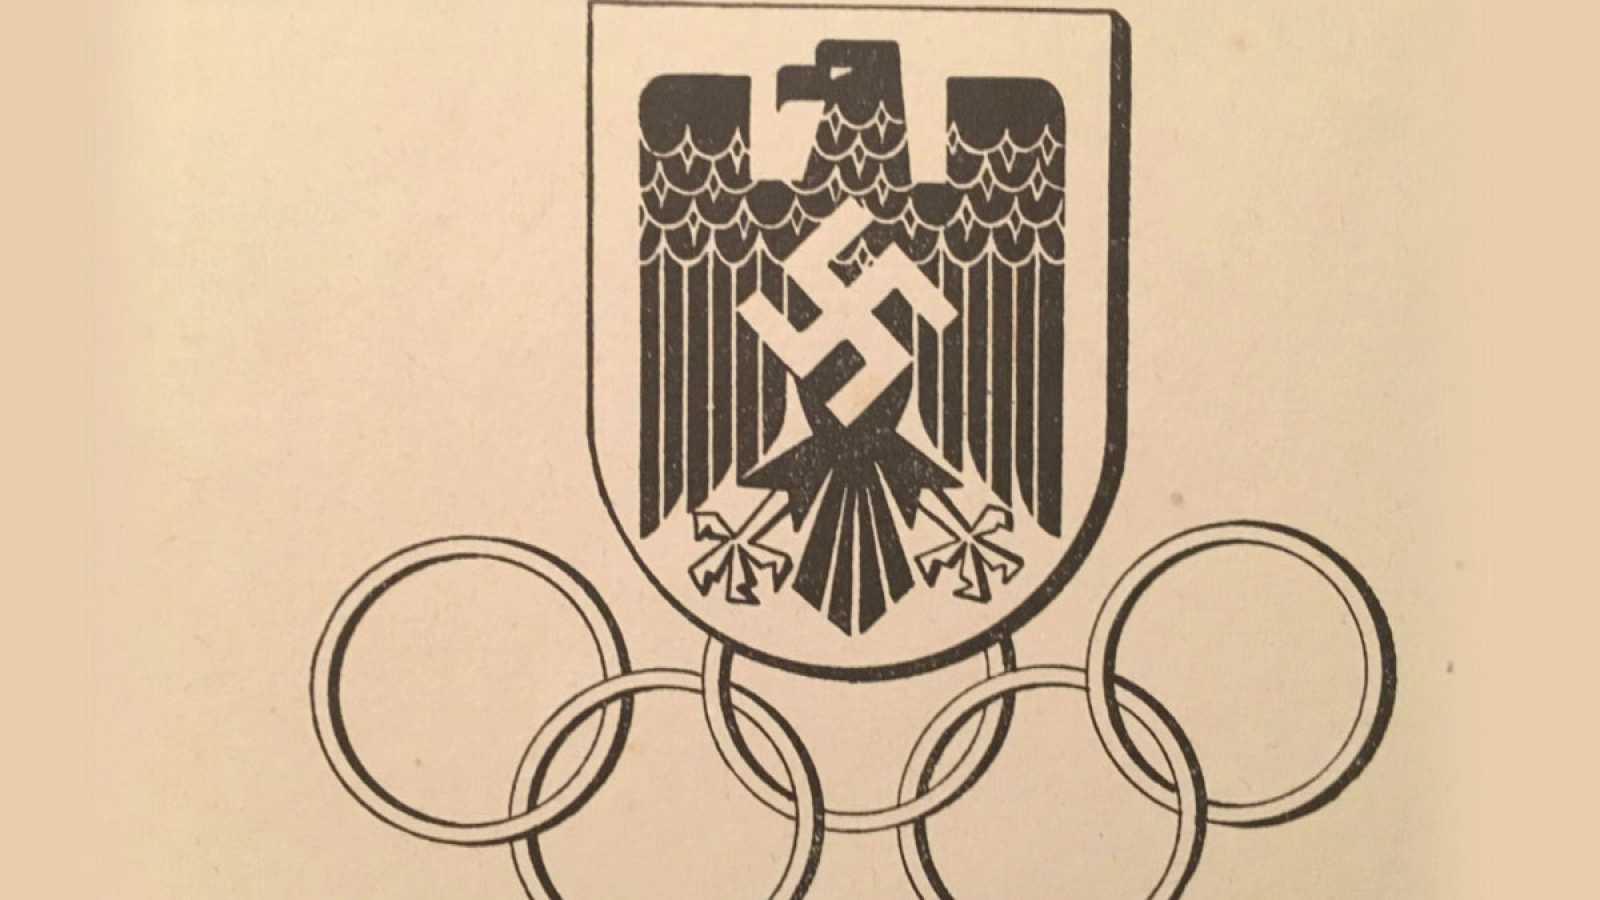 La noche temática - Berlín 1936, los juegos nazis